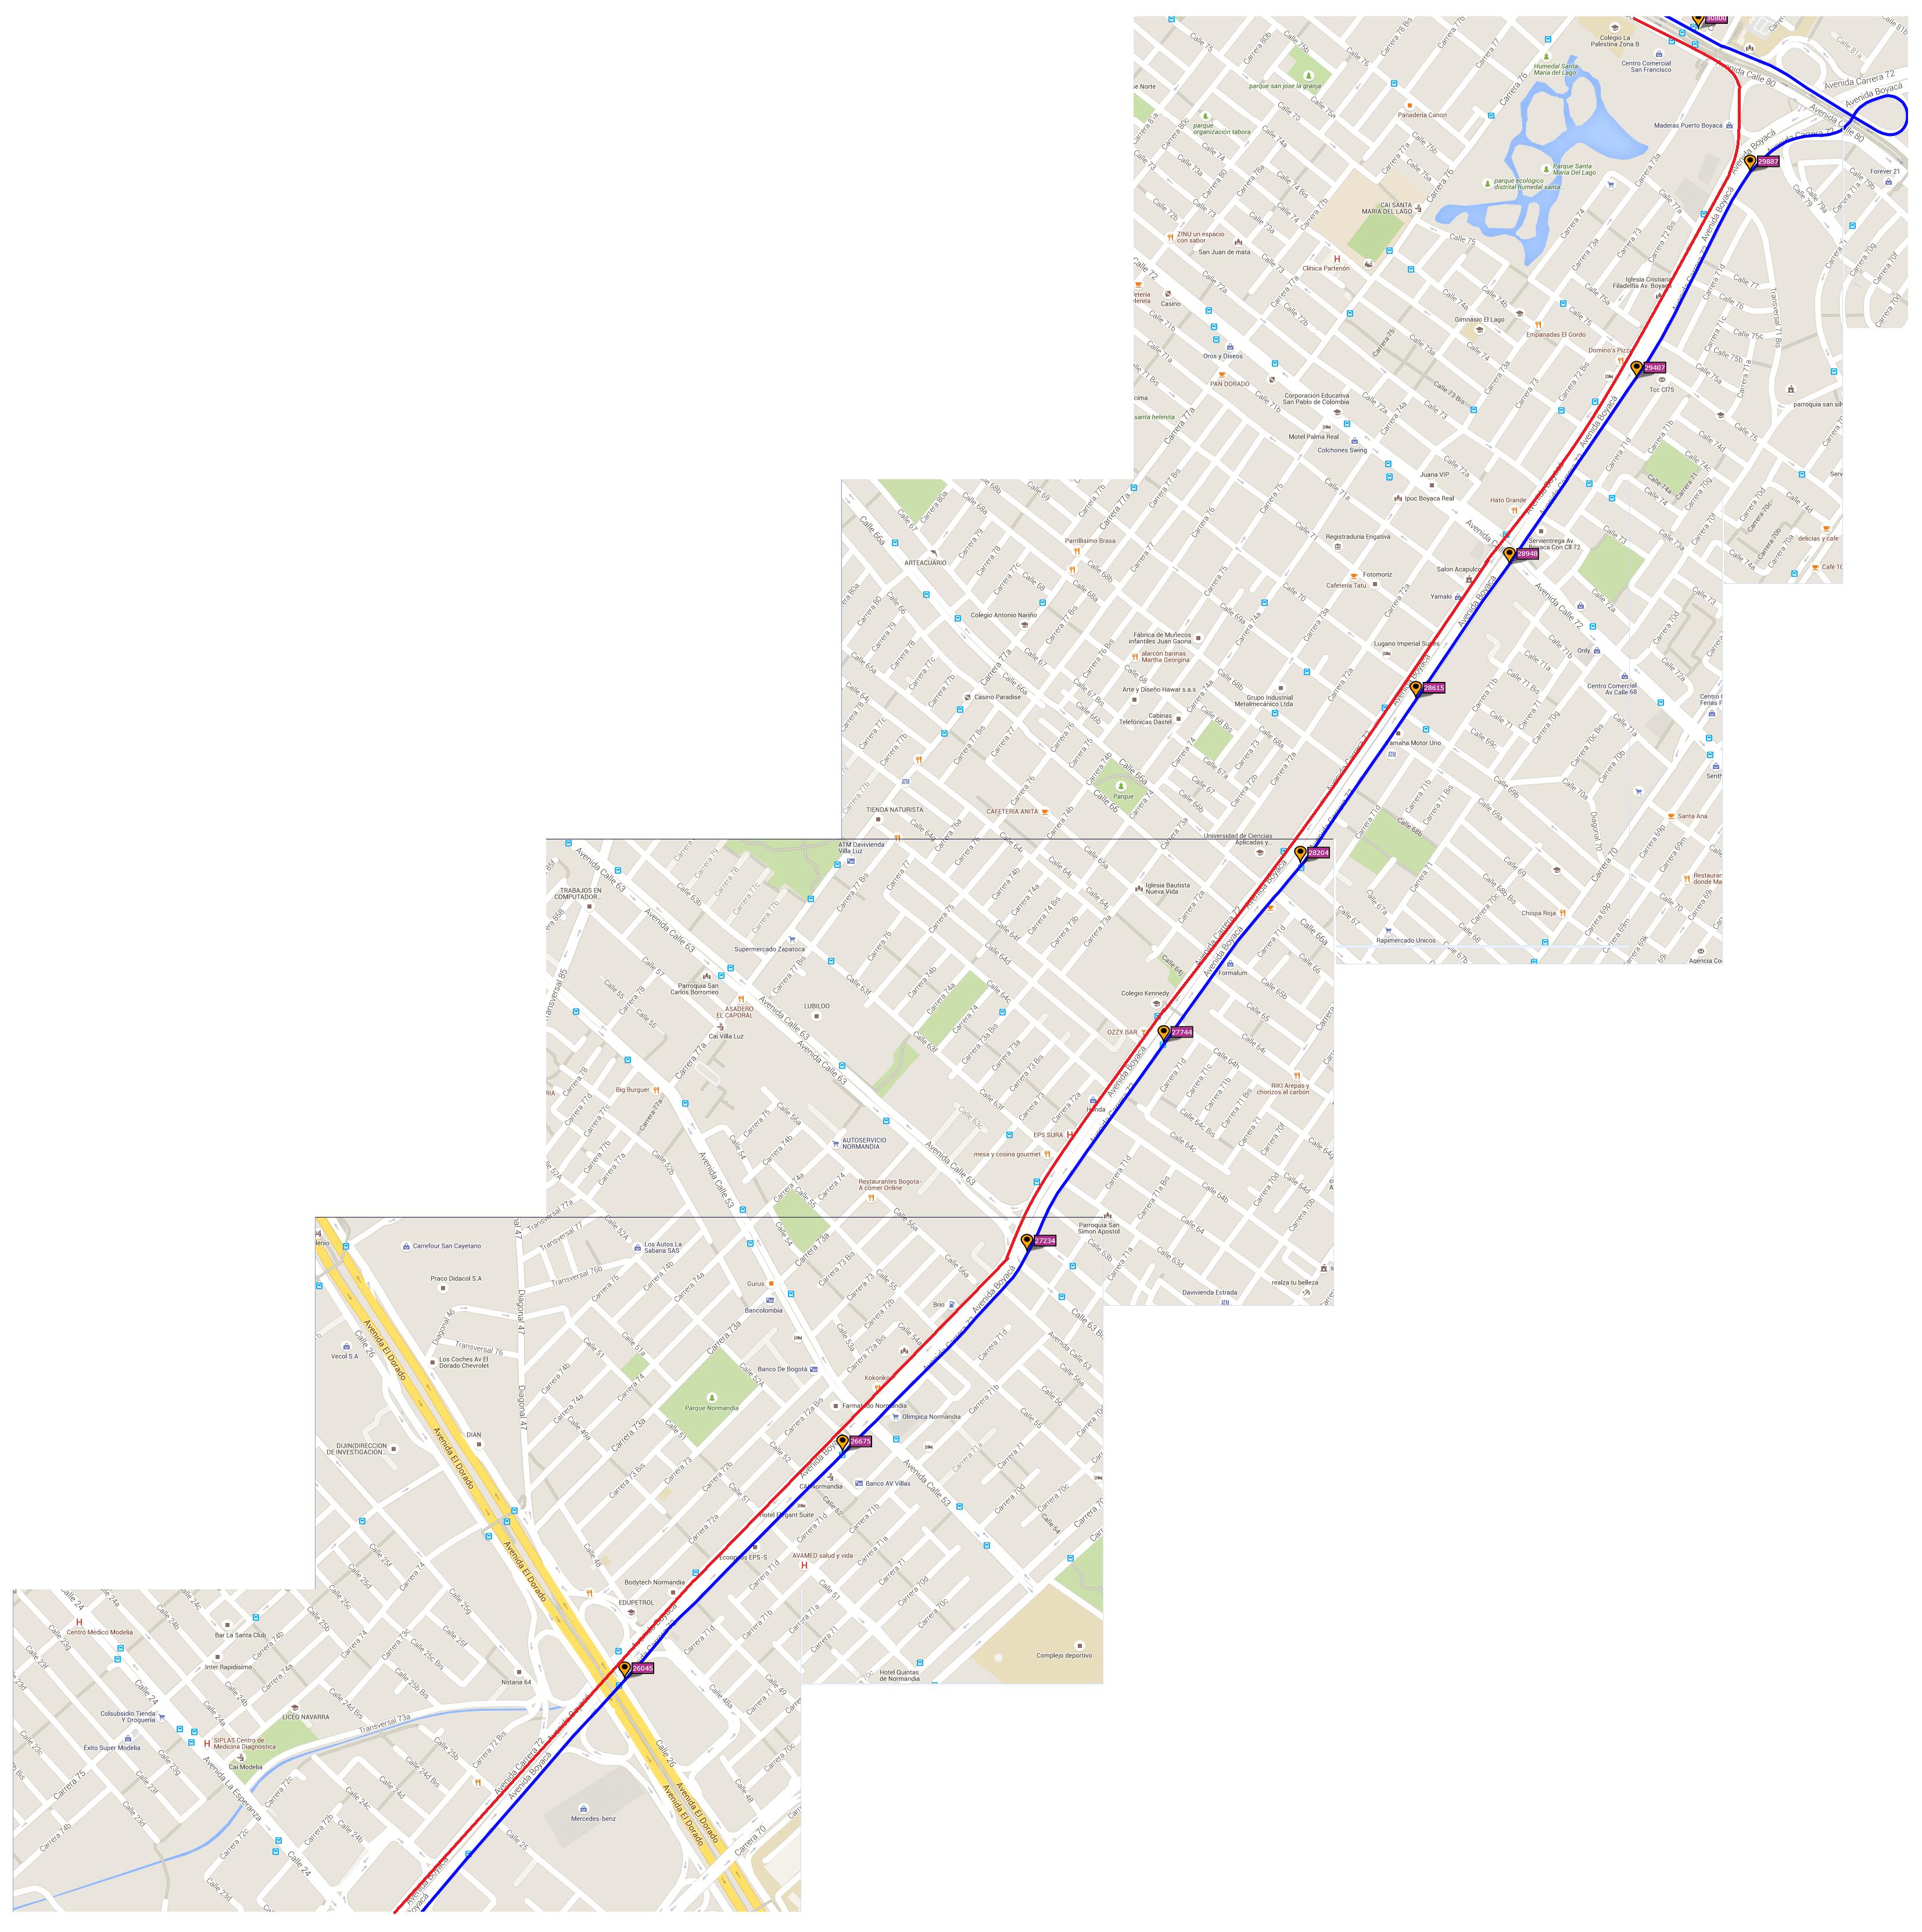 Ruta SITP: 539 Engativá Centro ↔ El Uval [Urbana] 9